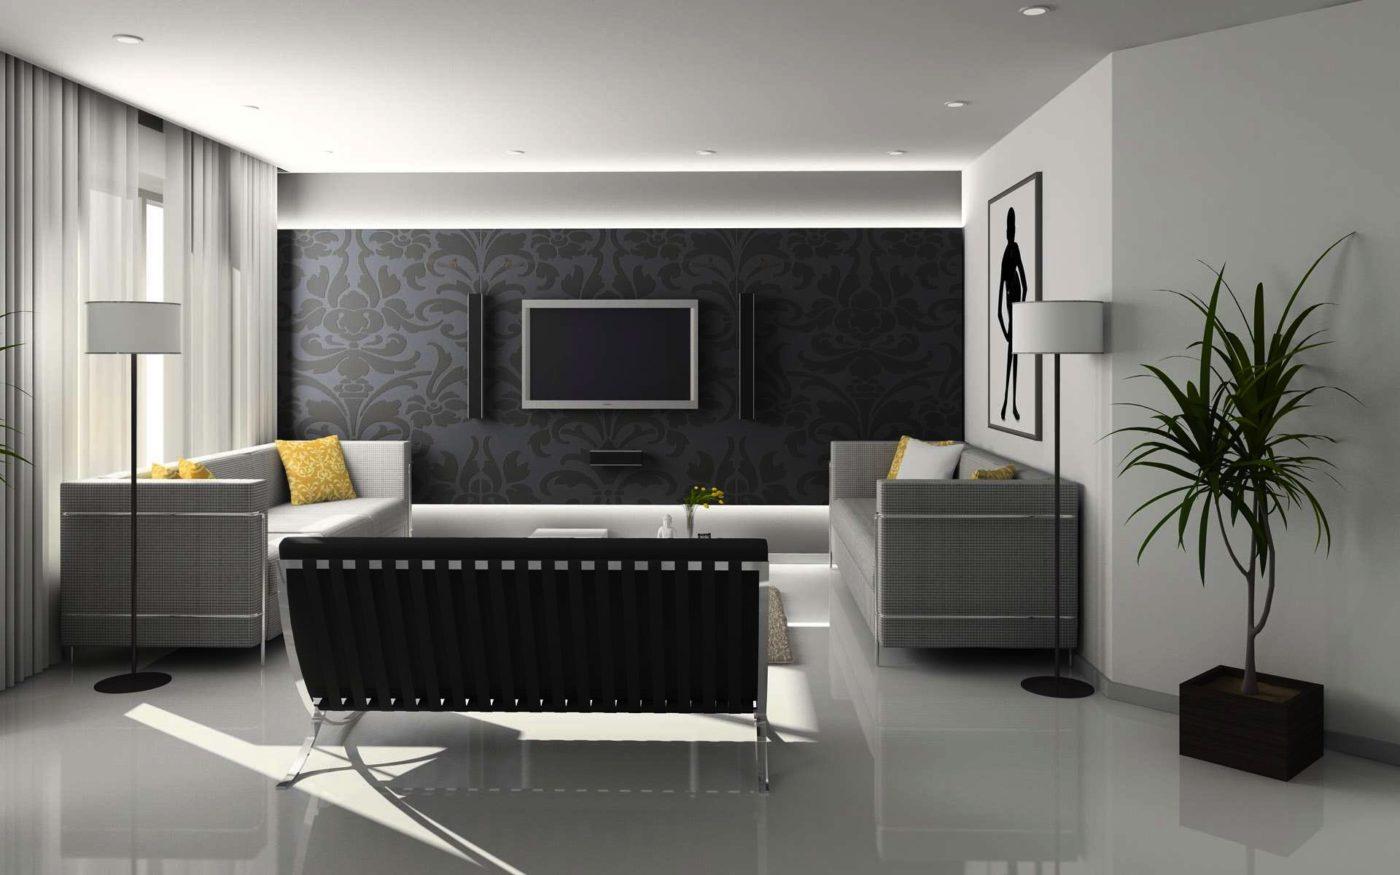 راهنمای انتخاب بهترین کاغذ دیواری در منزل